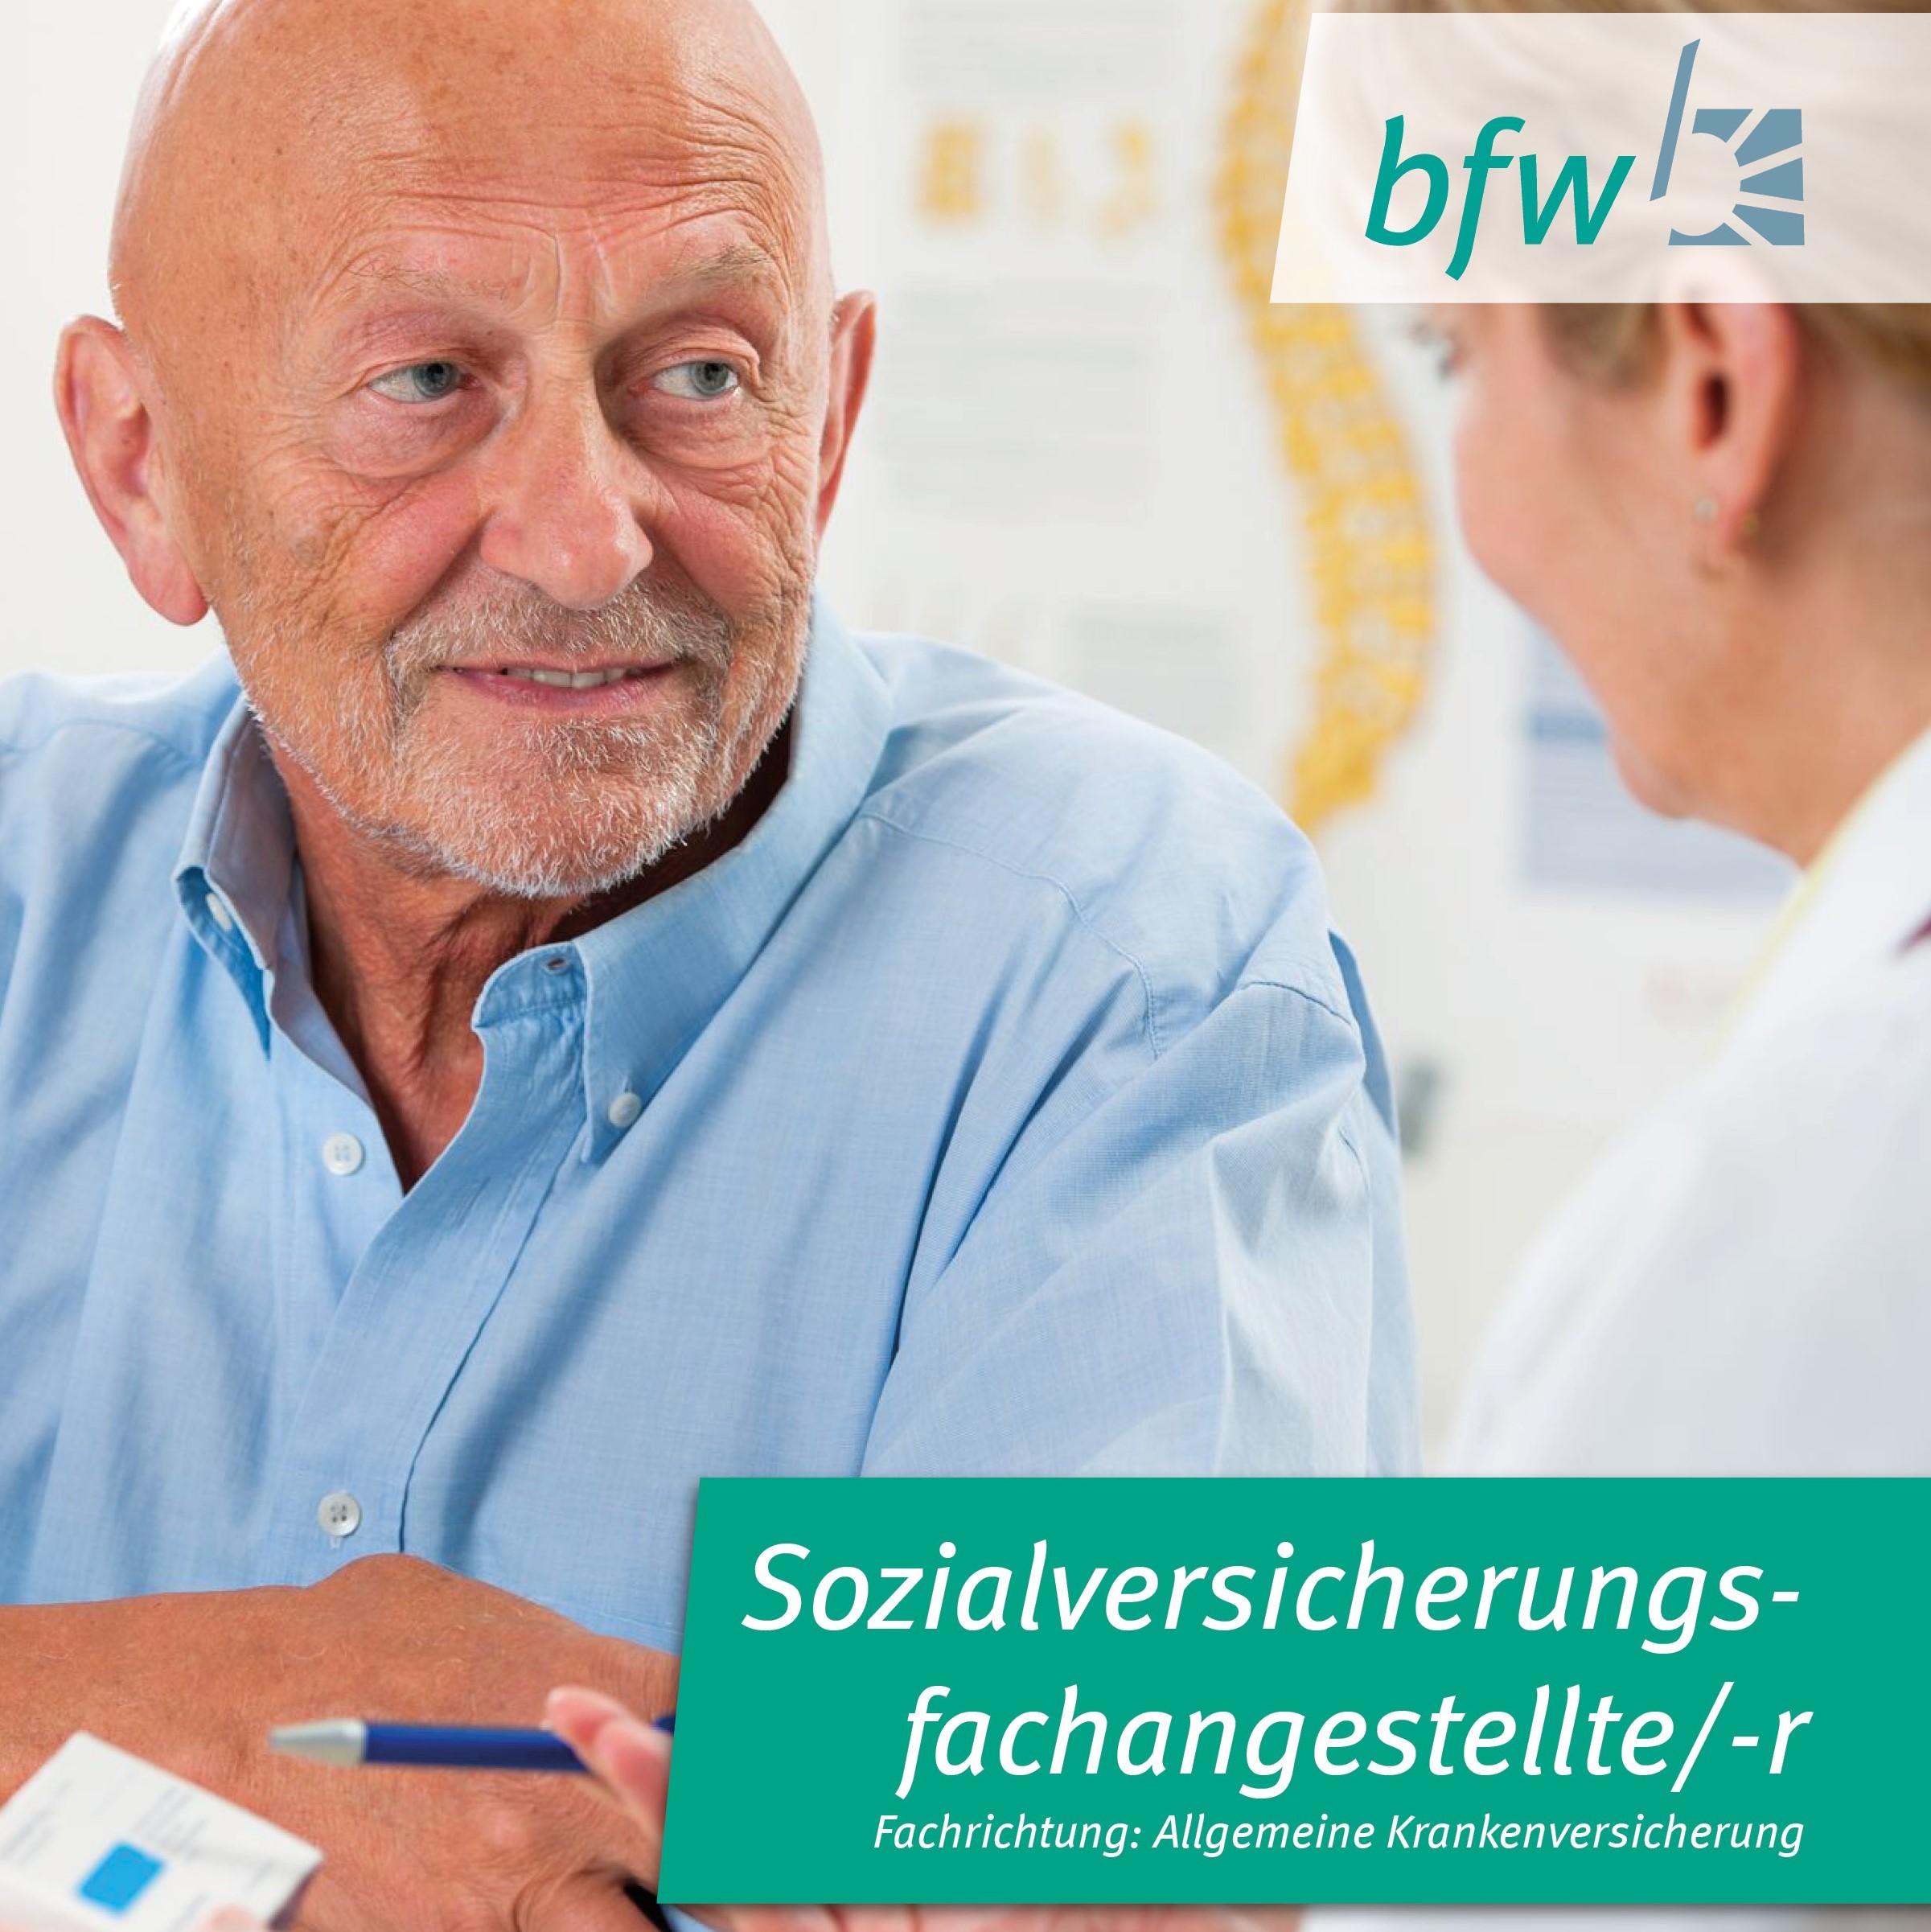 Sozialversicherungs-fachangestellte/-r (Allgemeine Krankenversicherung) Image